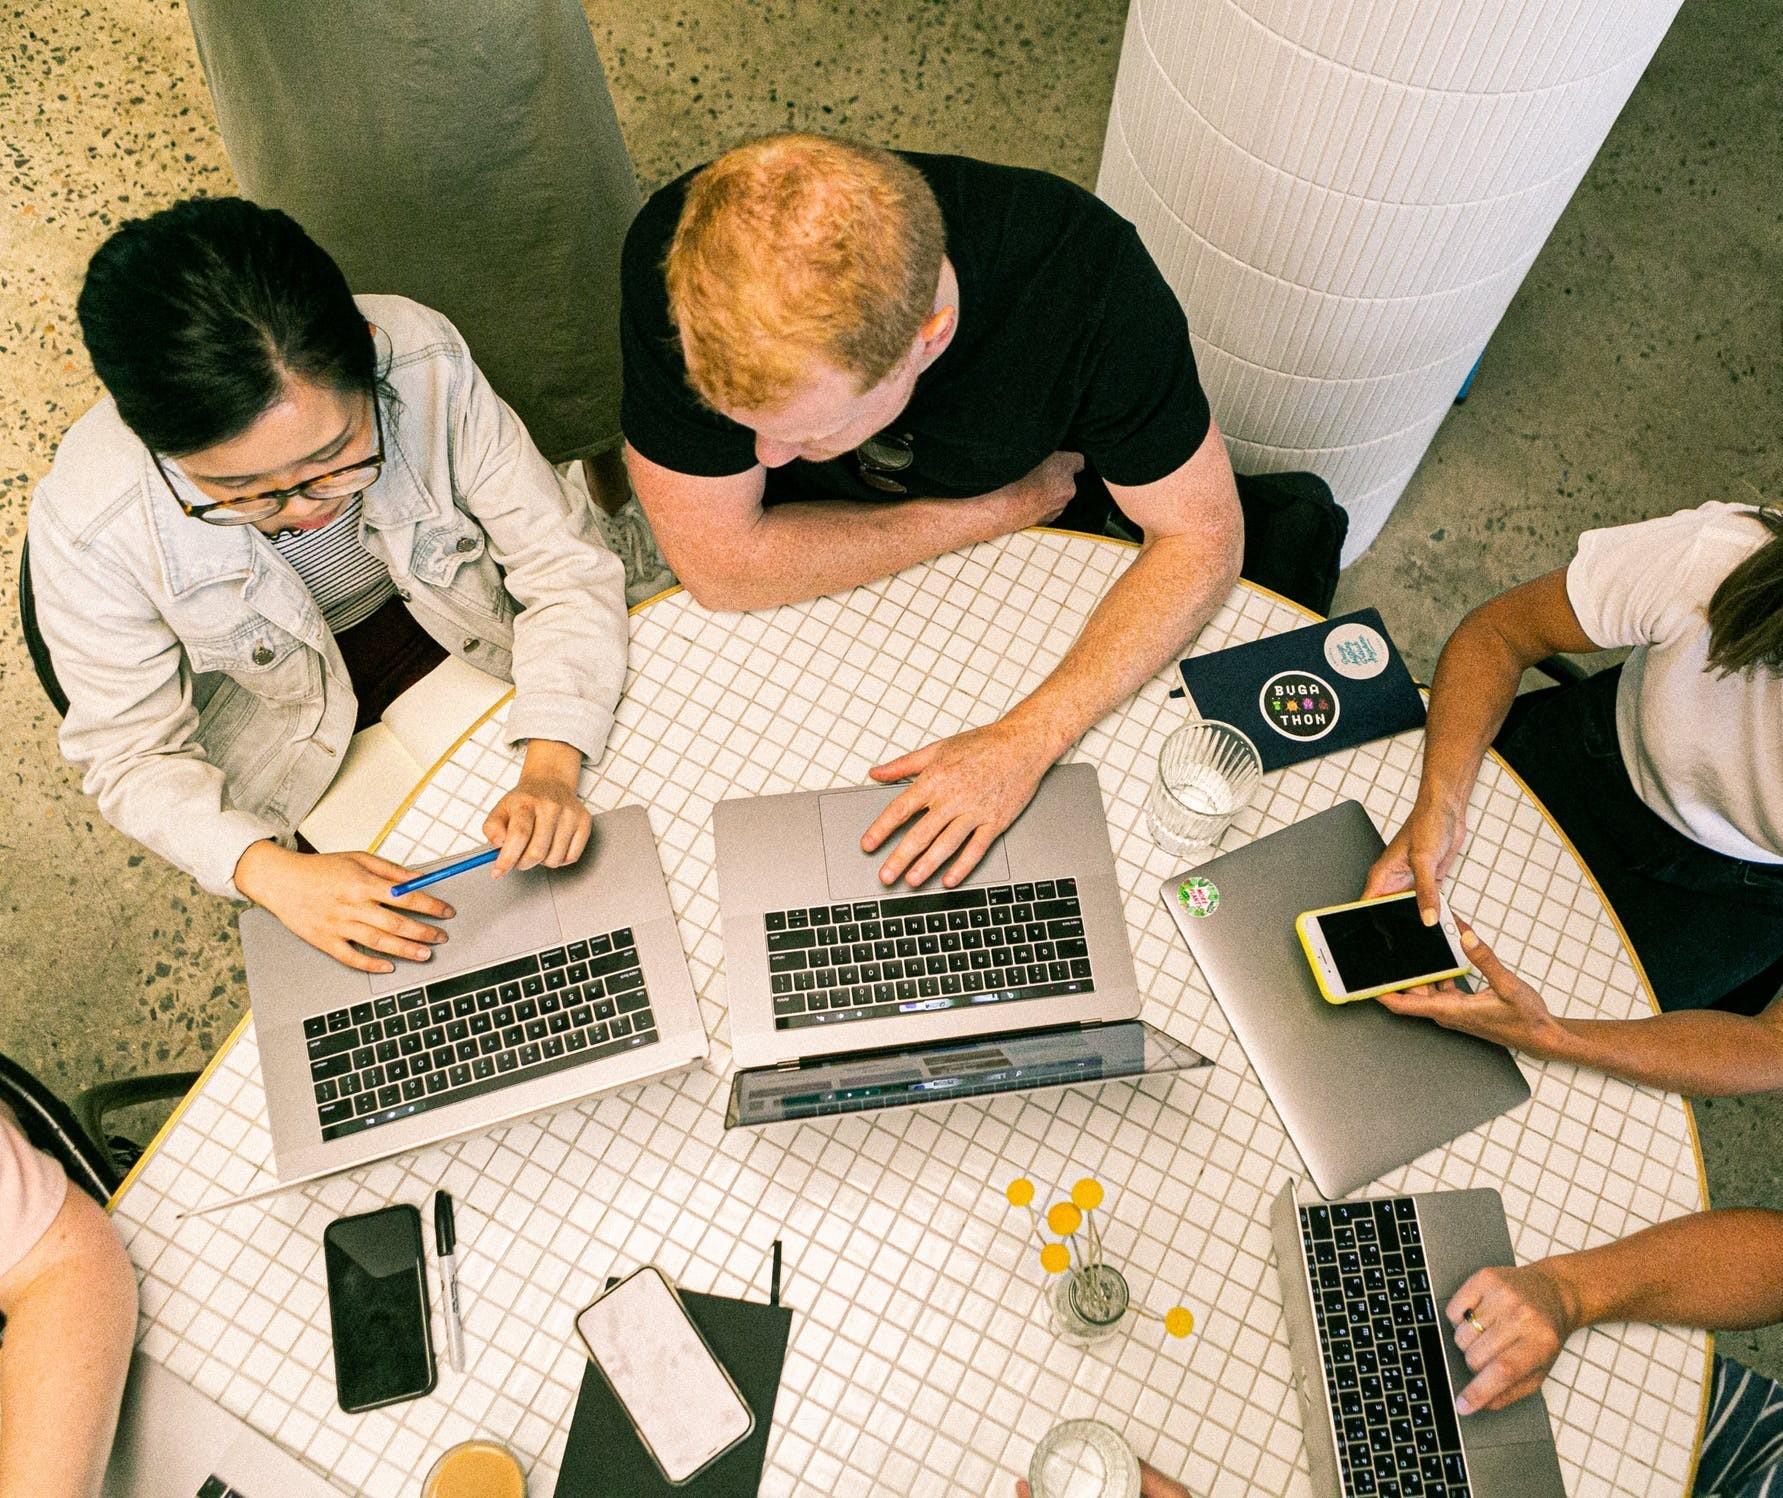 Programa lançado pela PUC, Sebrae e Governo do Estado vai ajudar startups em tempos de crise